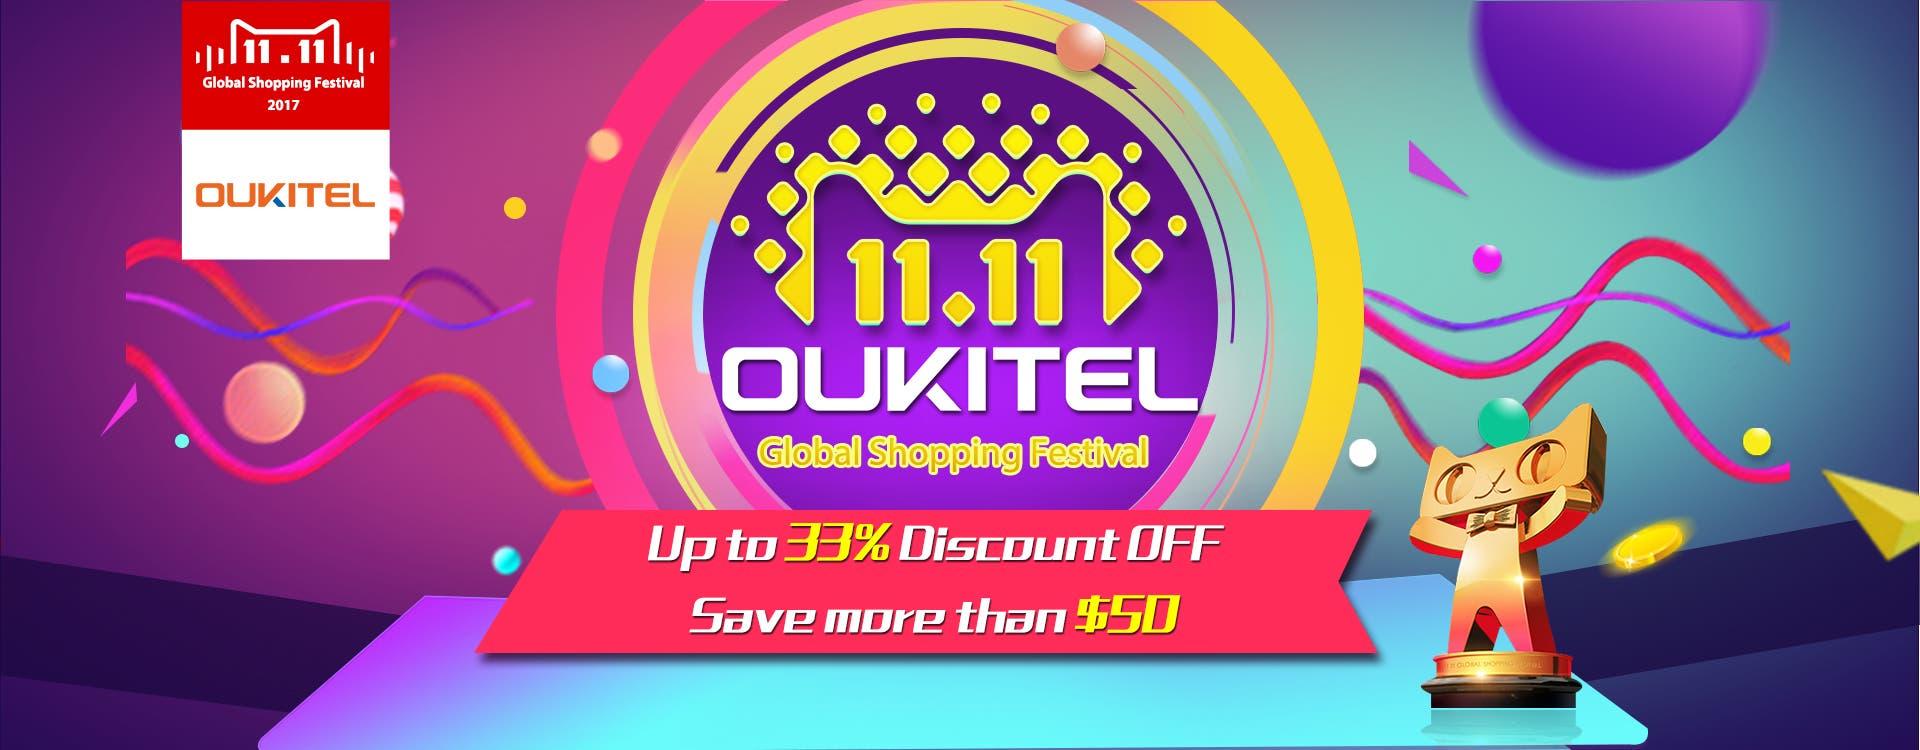 OUKITEL 11.11